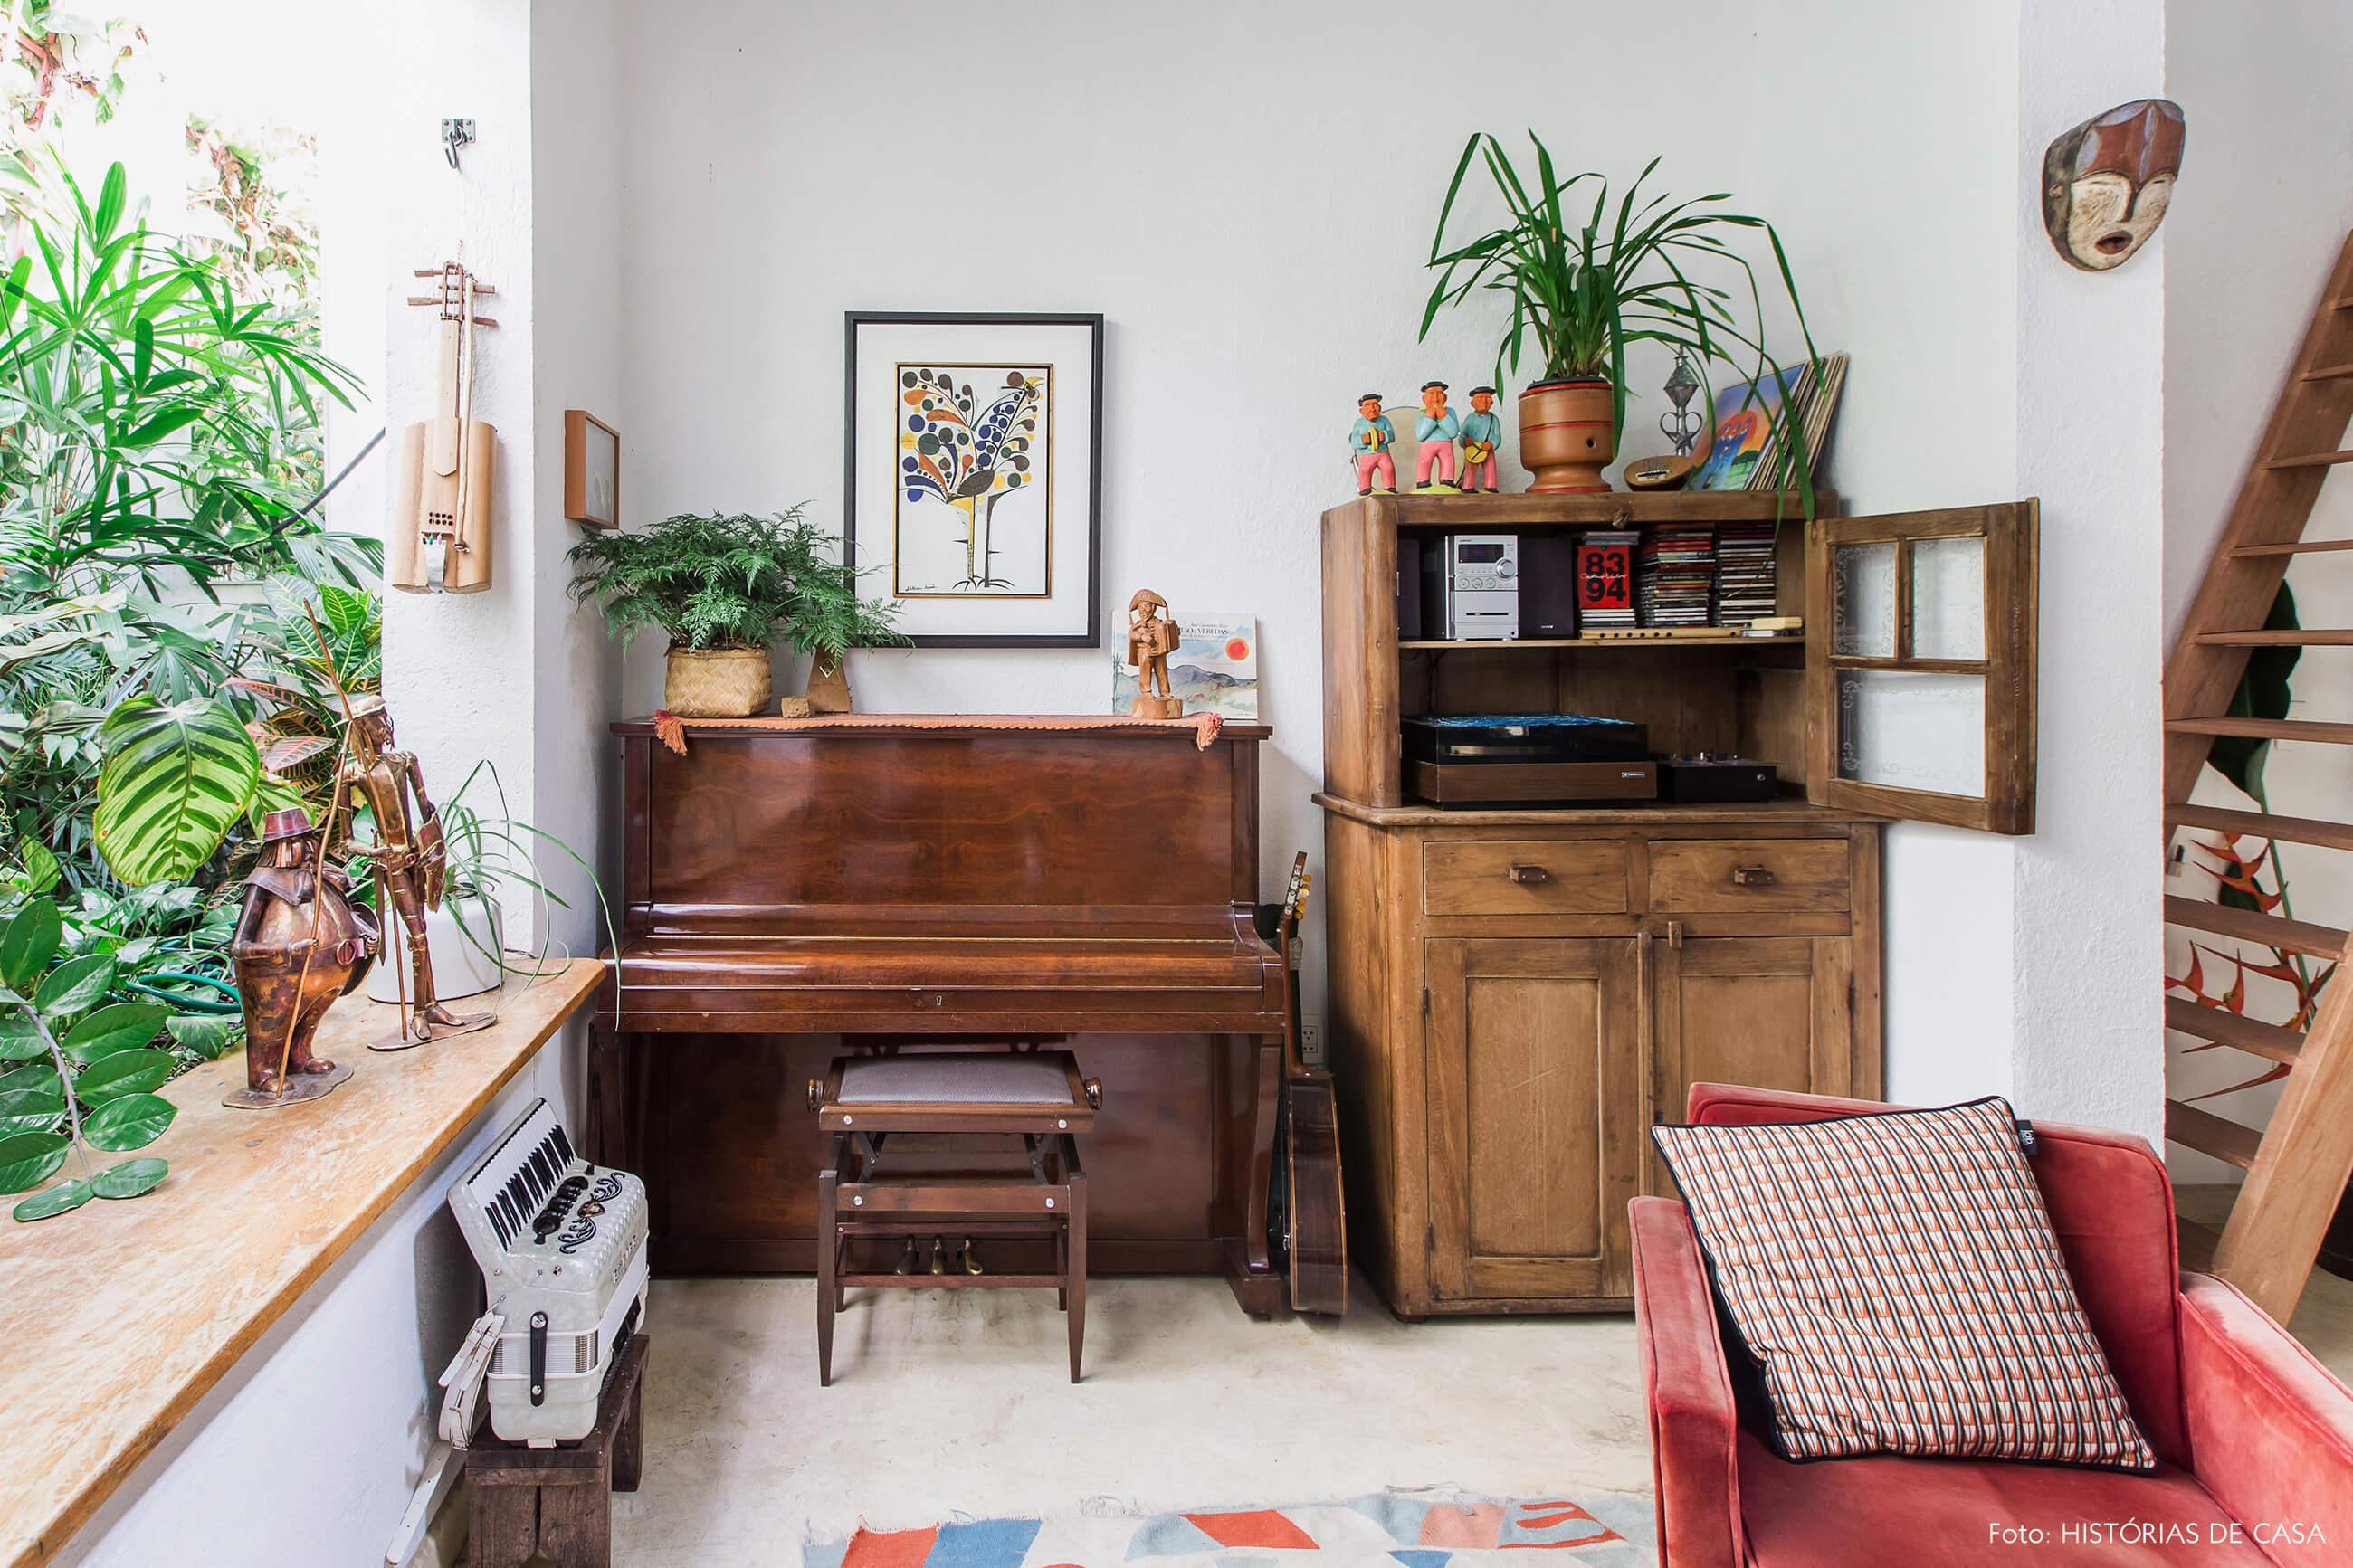 Casa com mezanino, piano e móveis de madeira